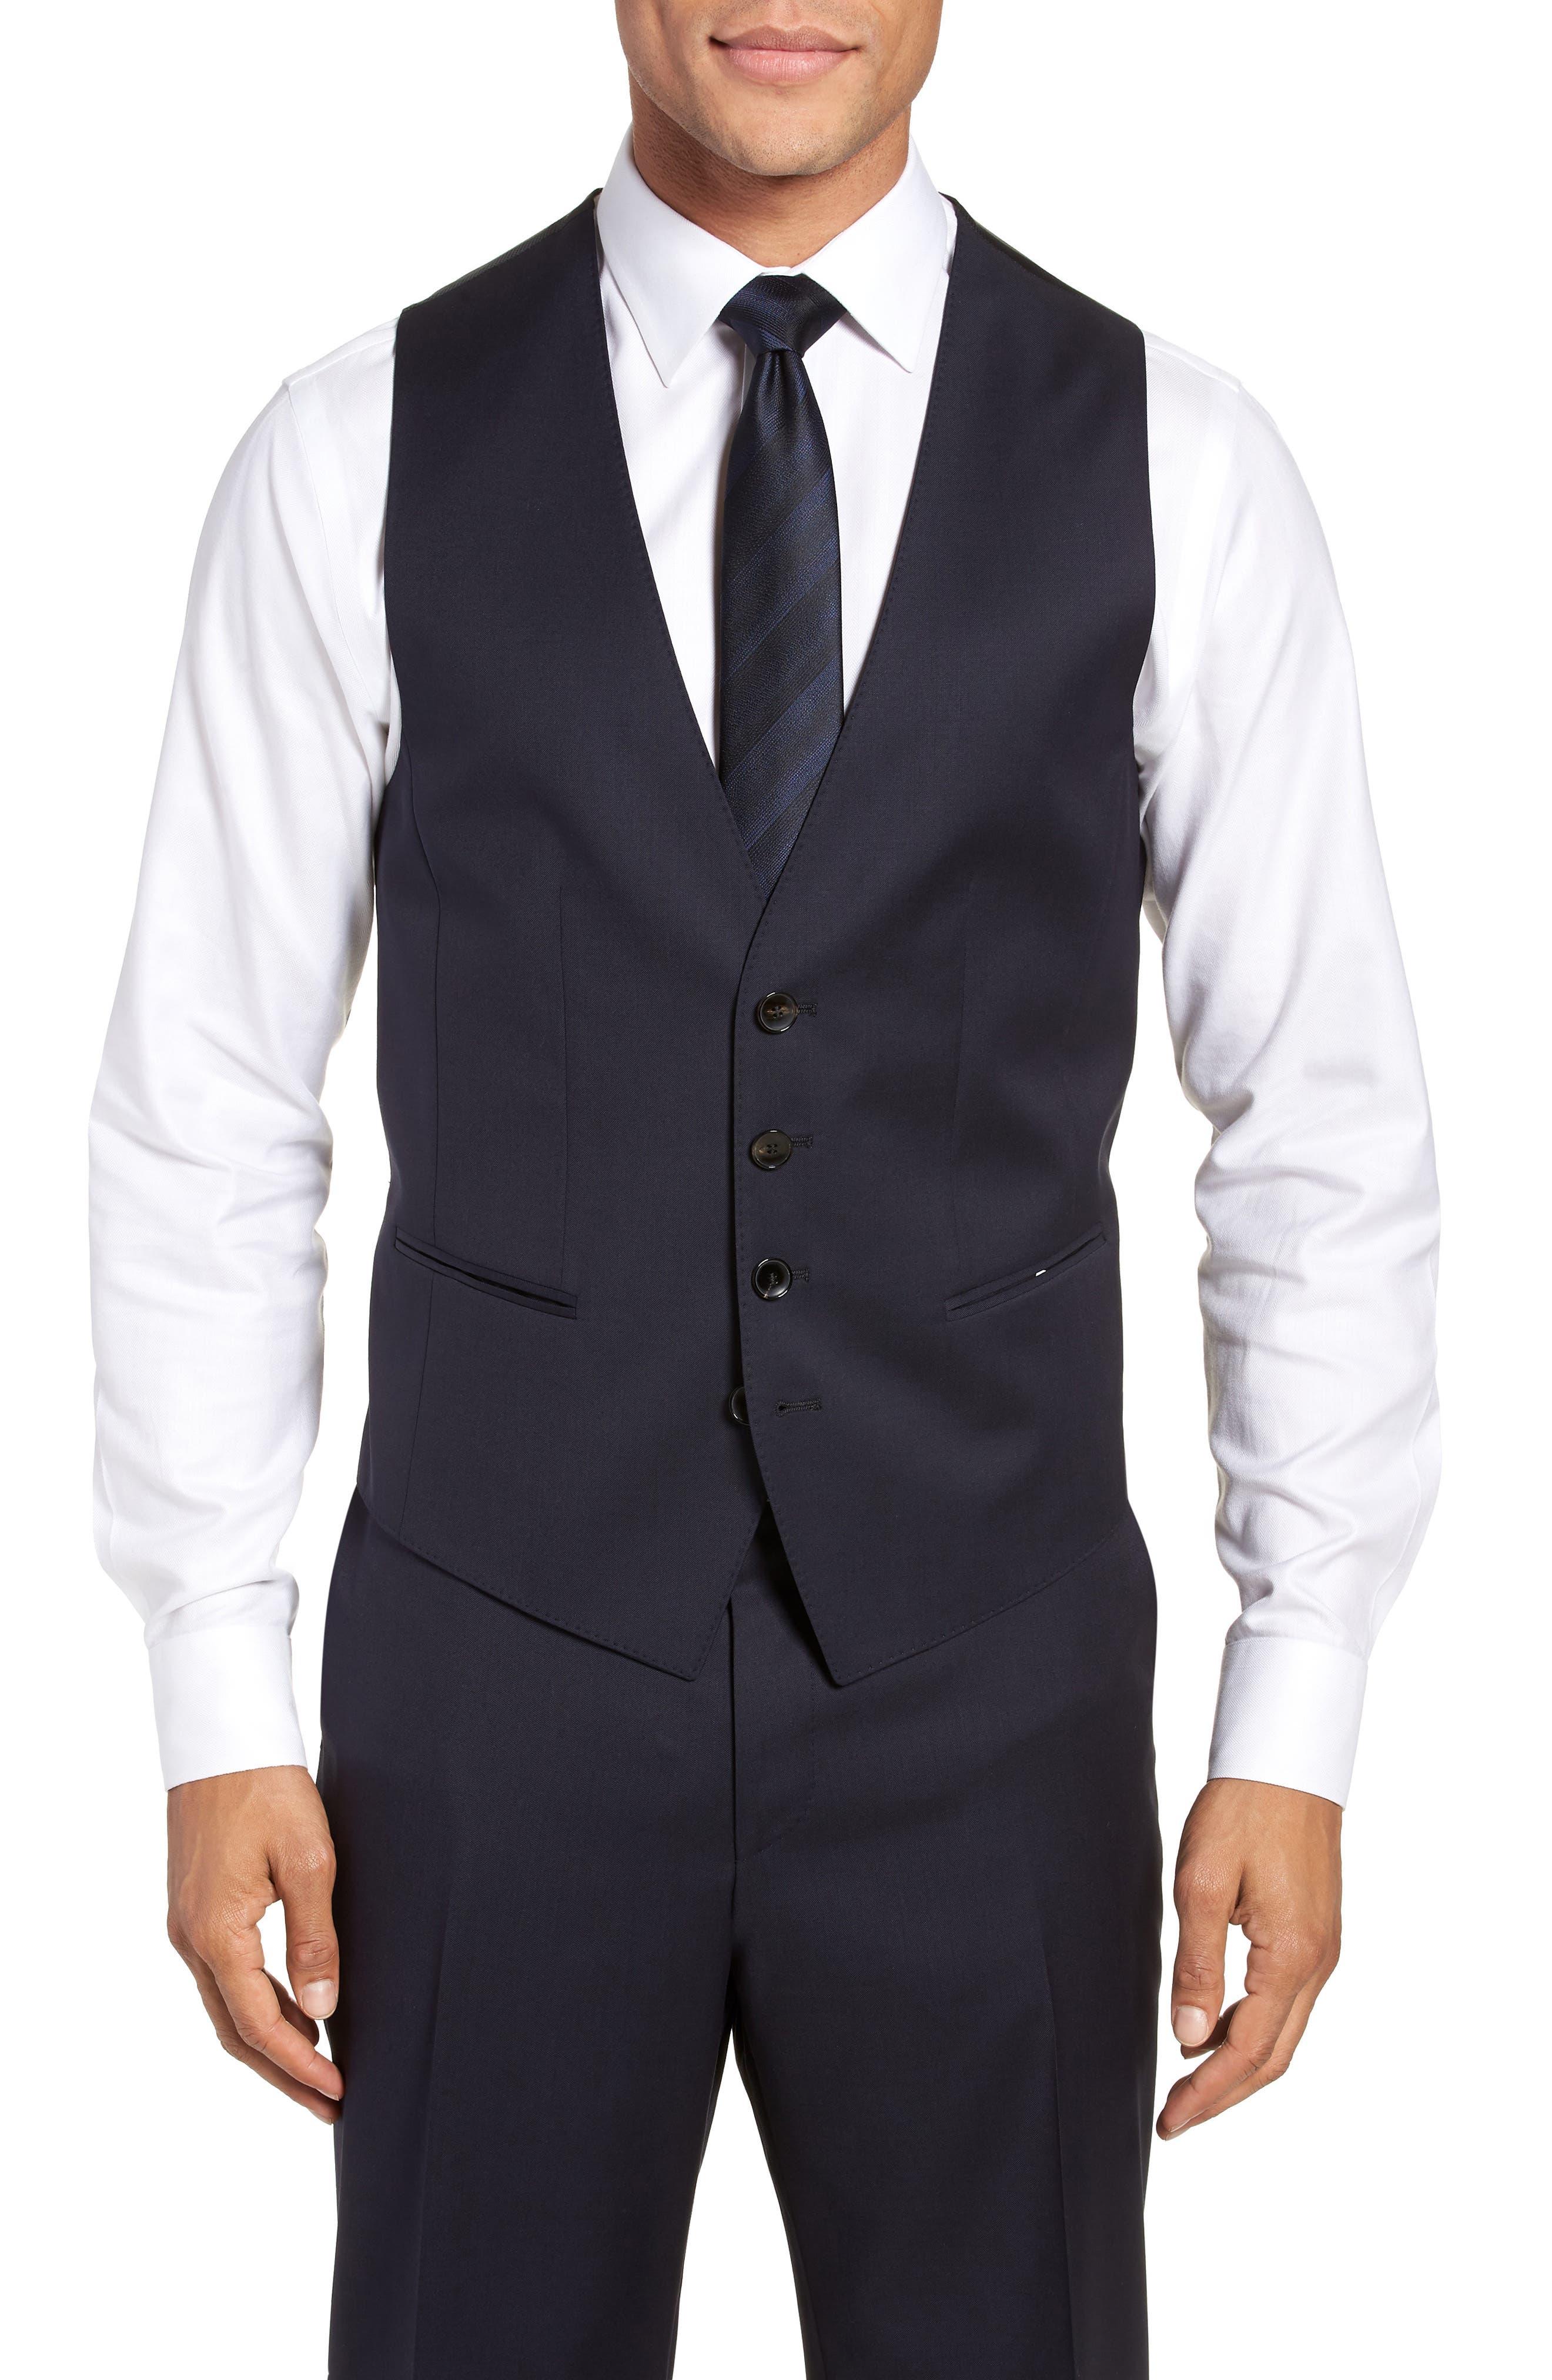 Wilson CYL Trim Fit Vest,                             Main thumbnail 1, color,                             Dark Blue